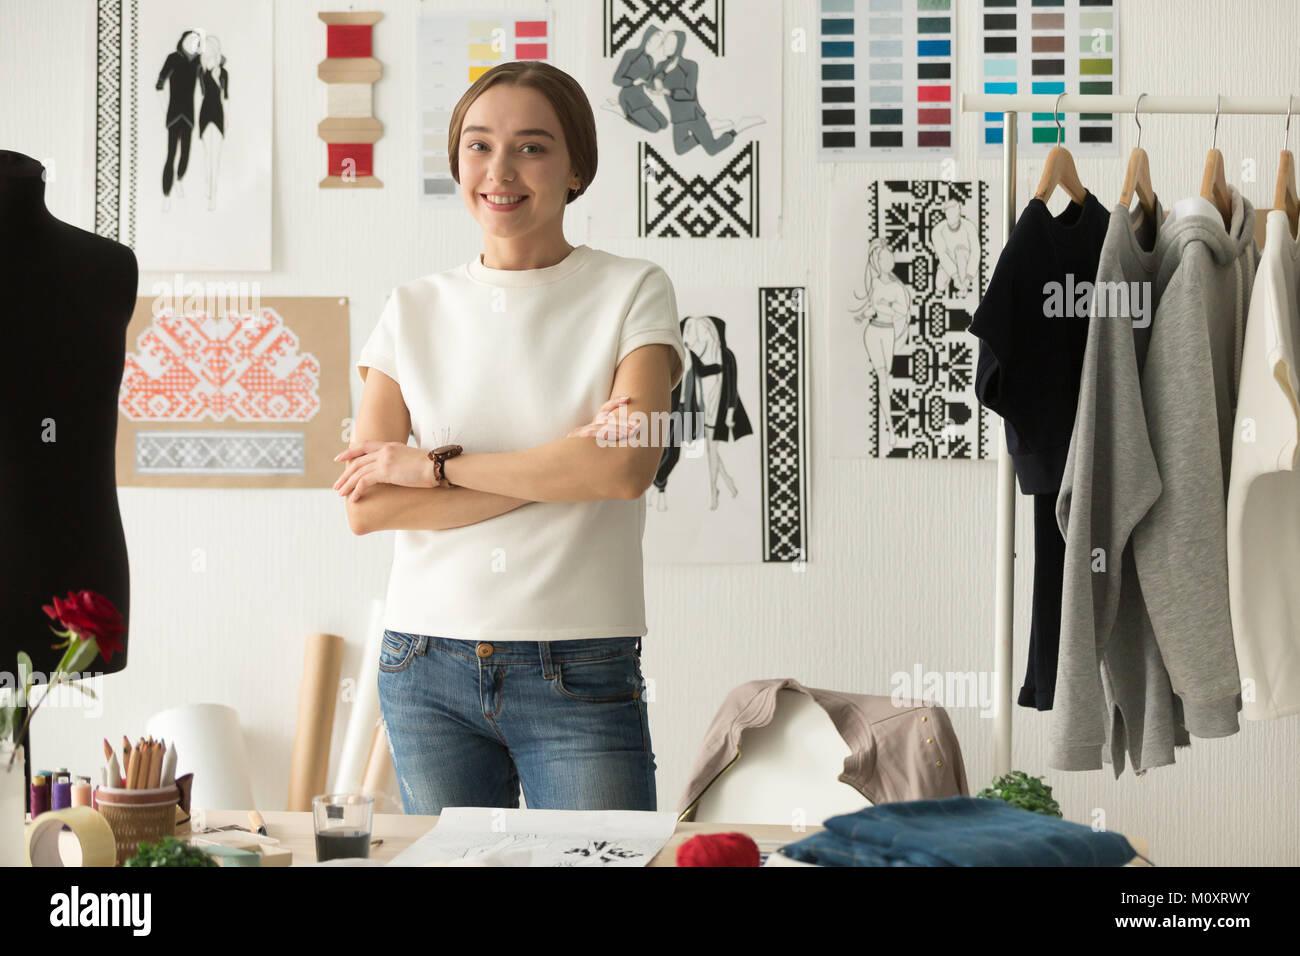 Ethnische bestickte Kleidung Fashion Designer stehend betrachten Stockbild